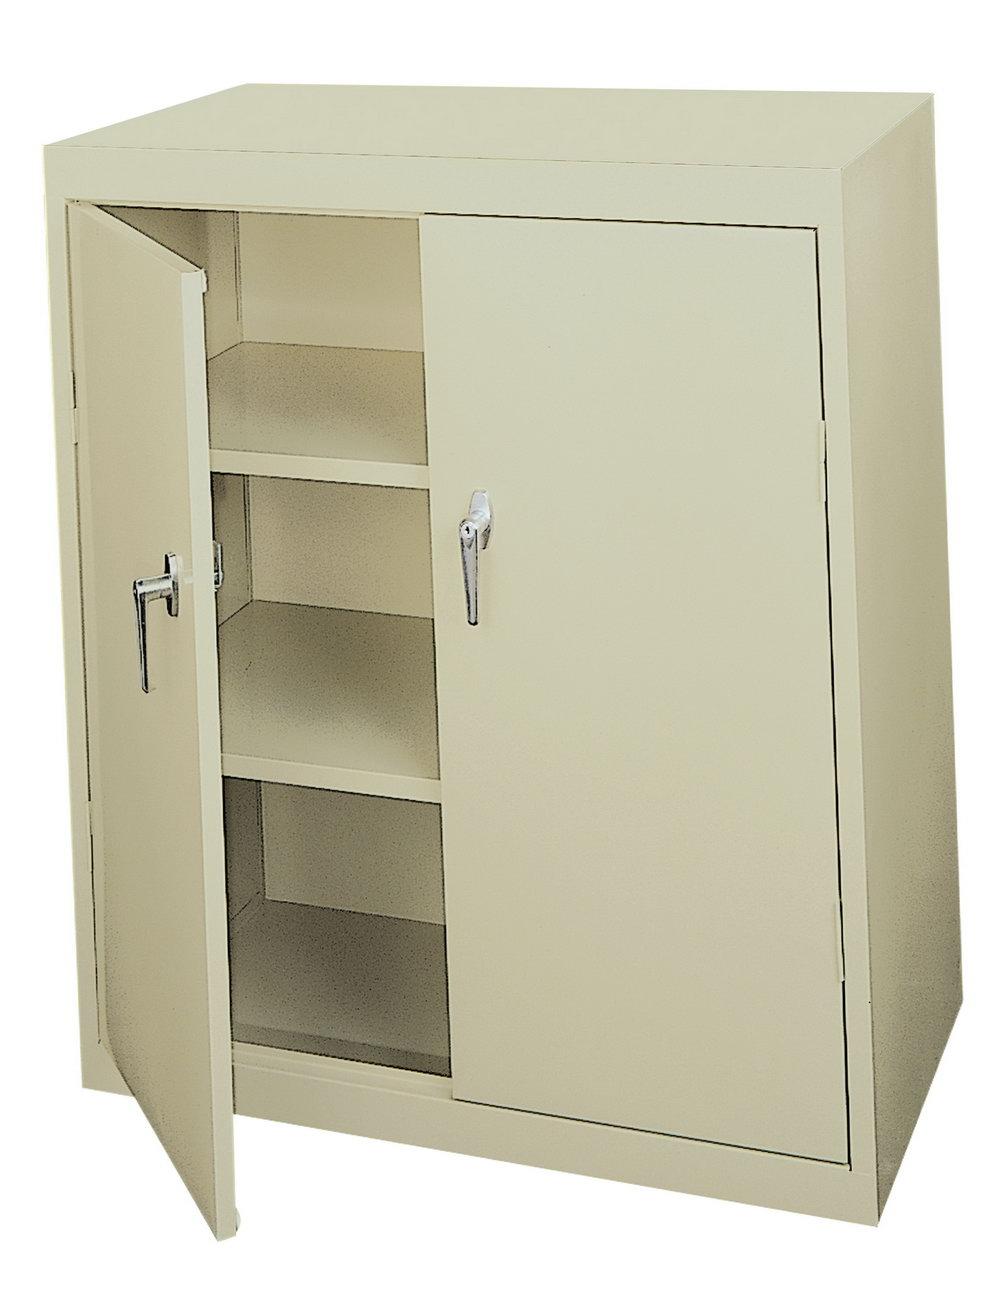 Locking Storage Cabinet Walmart